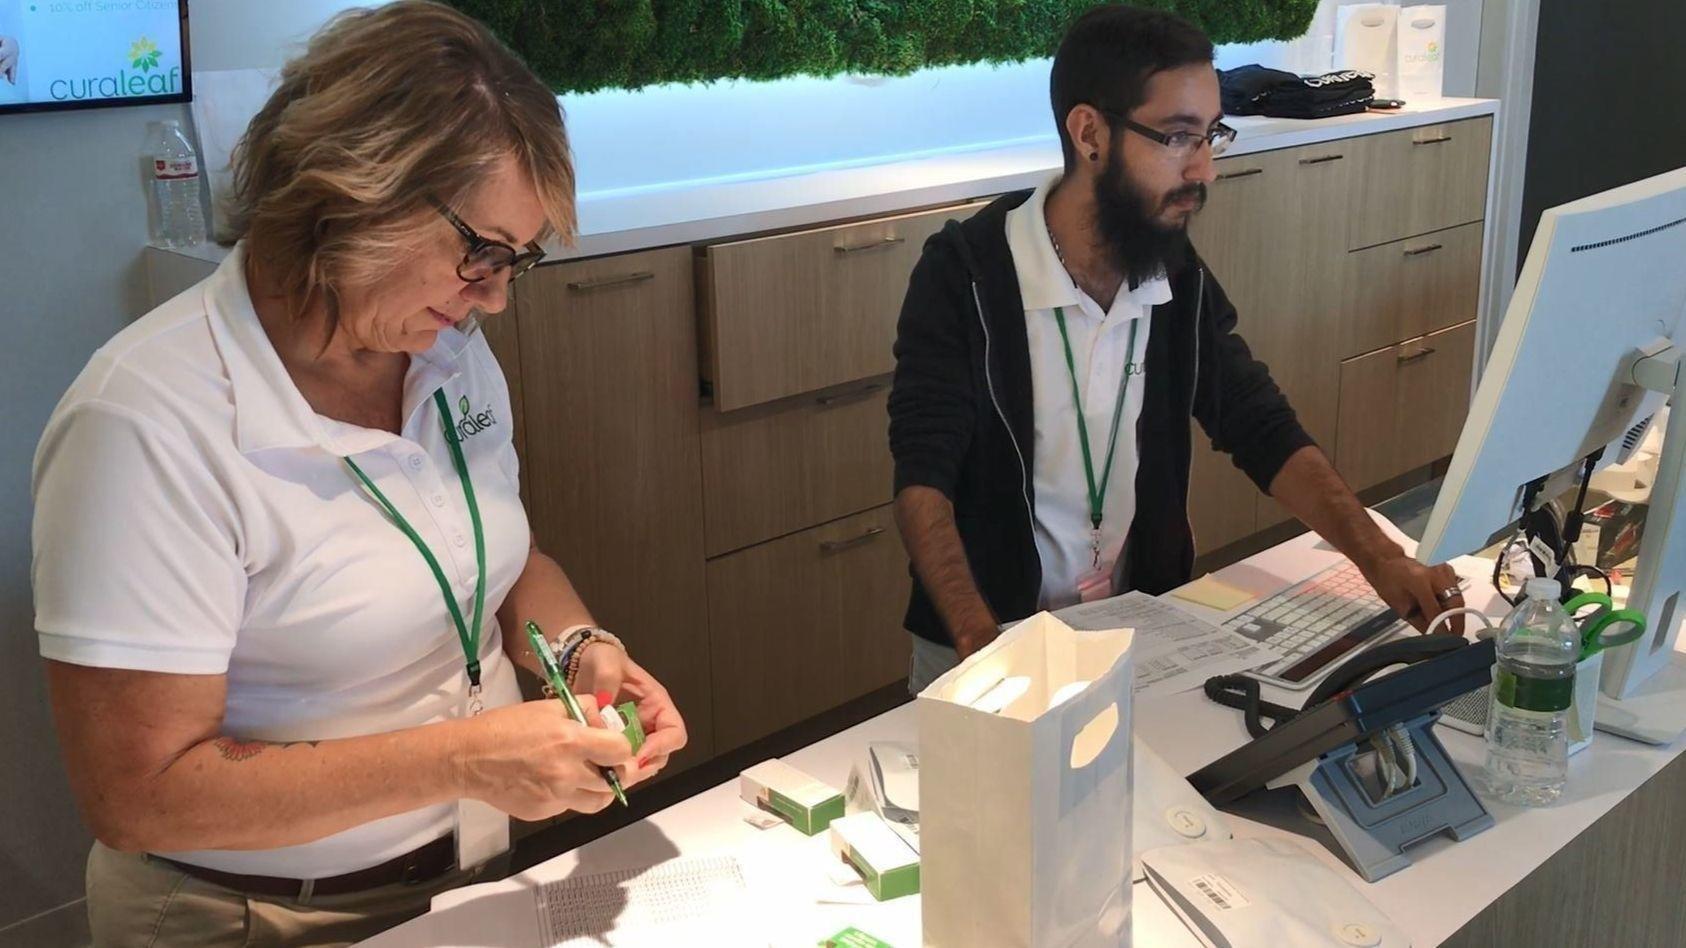 Florida - New Gov. DeSantis may drop legal fights over medical marijuana